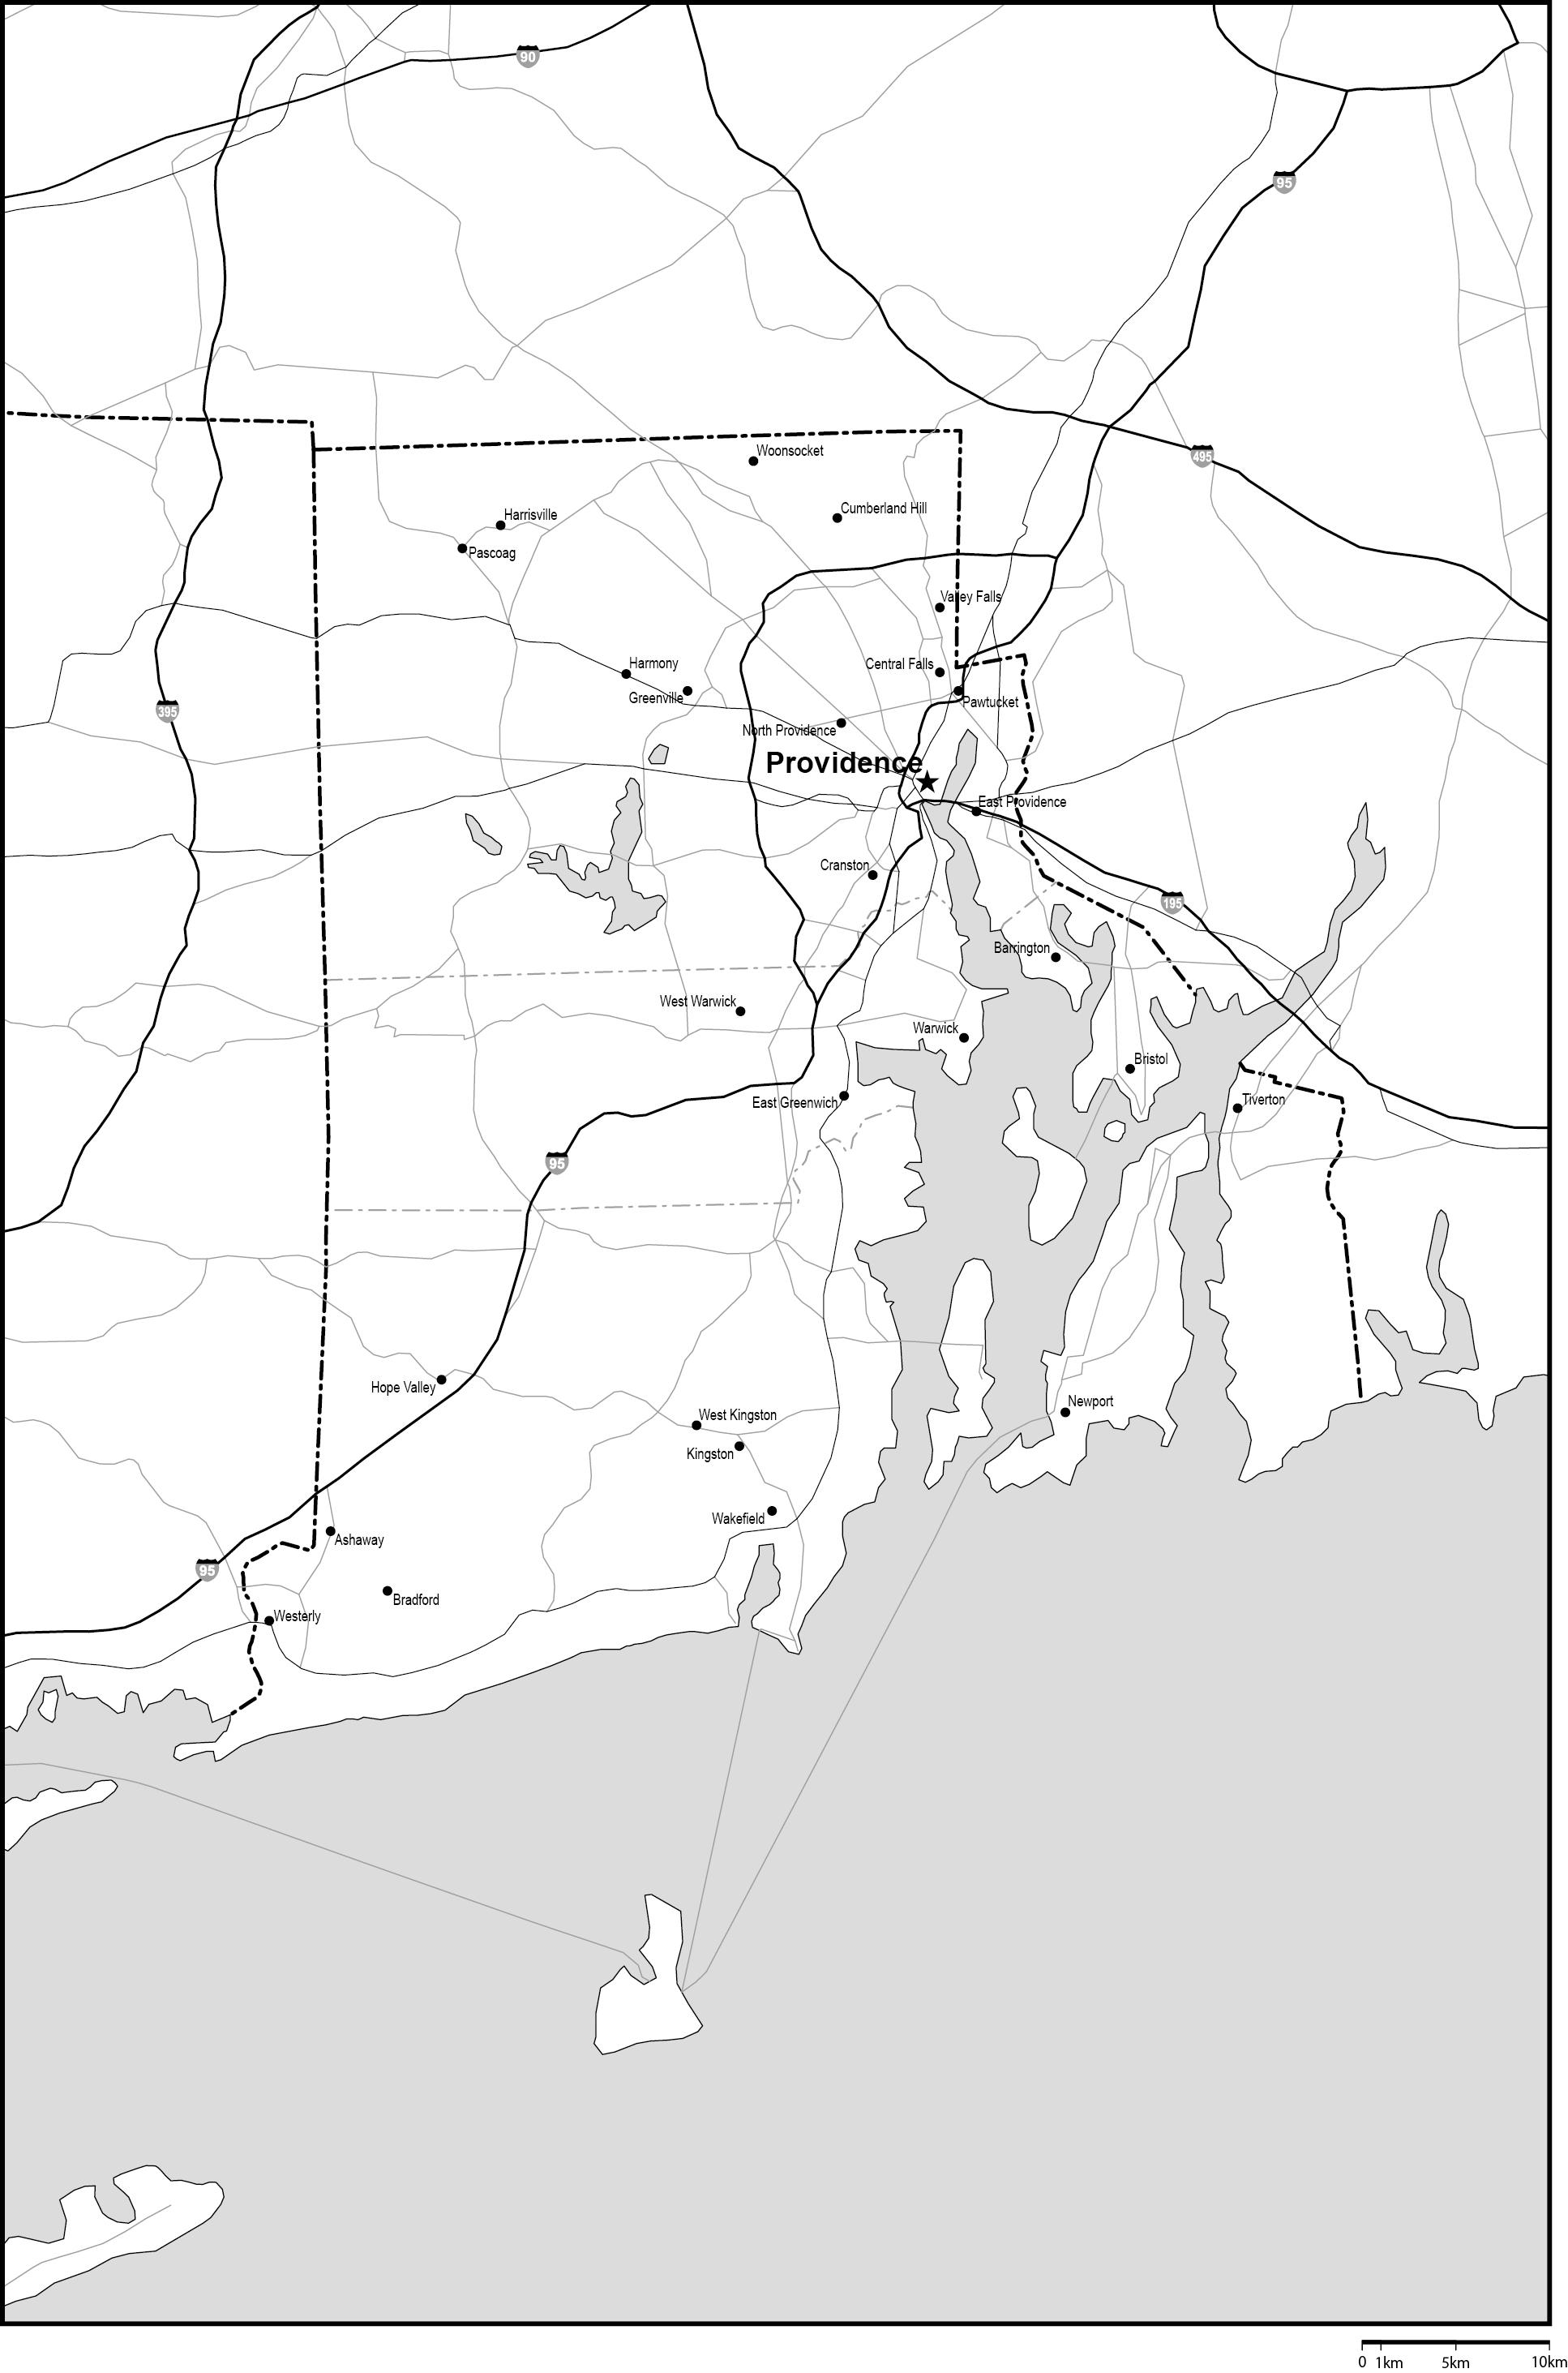 ロードアイランド州郡分け白地図...